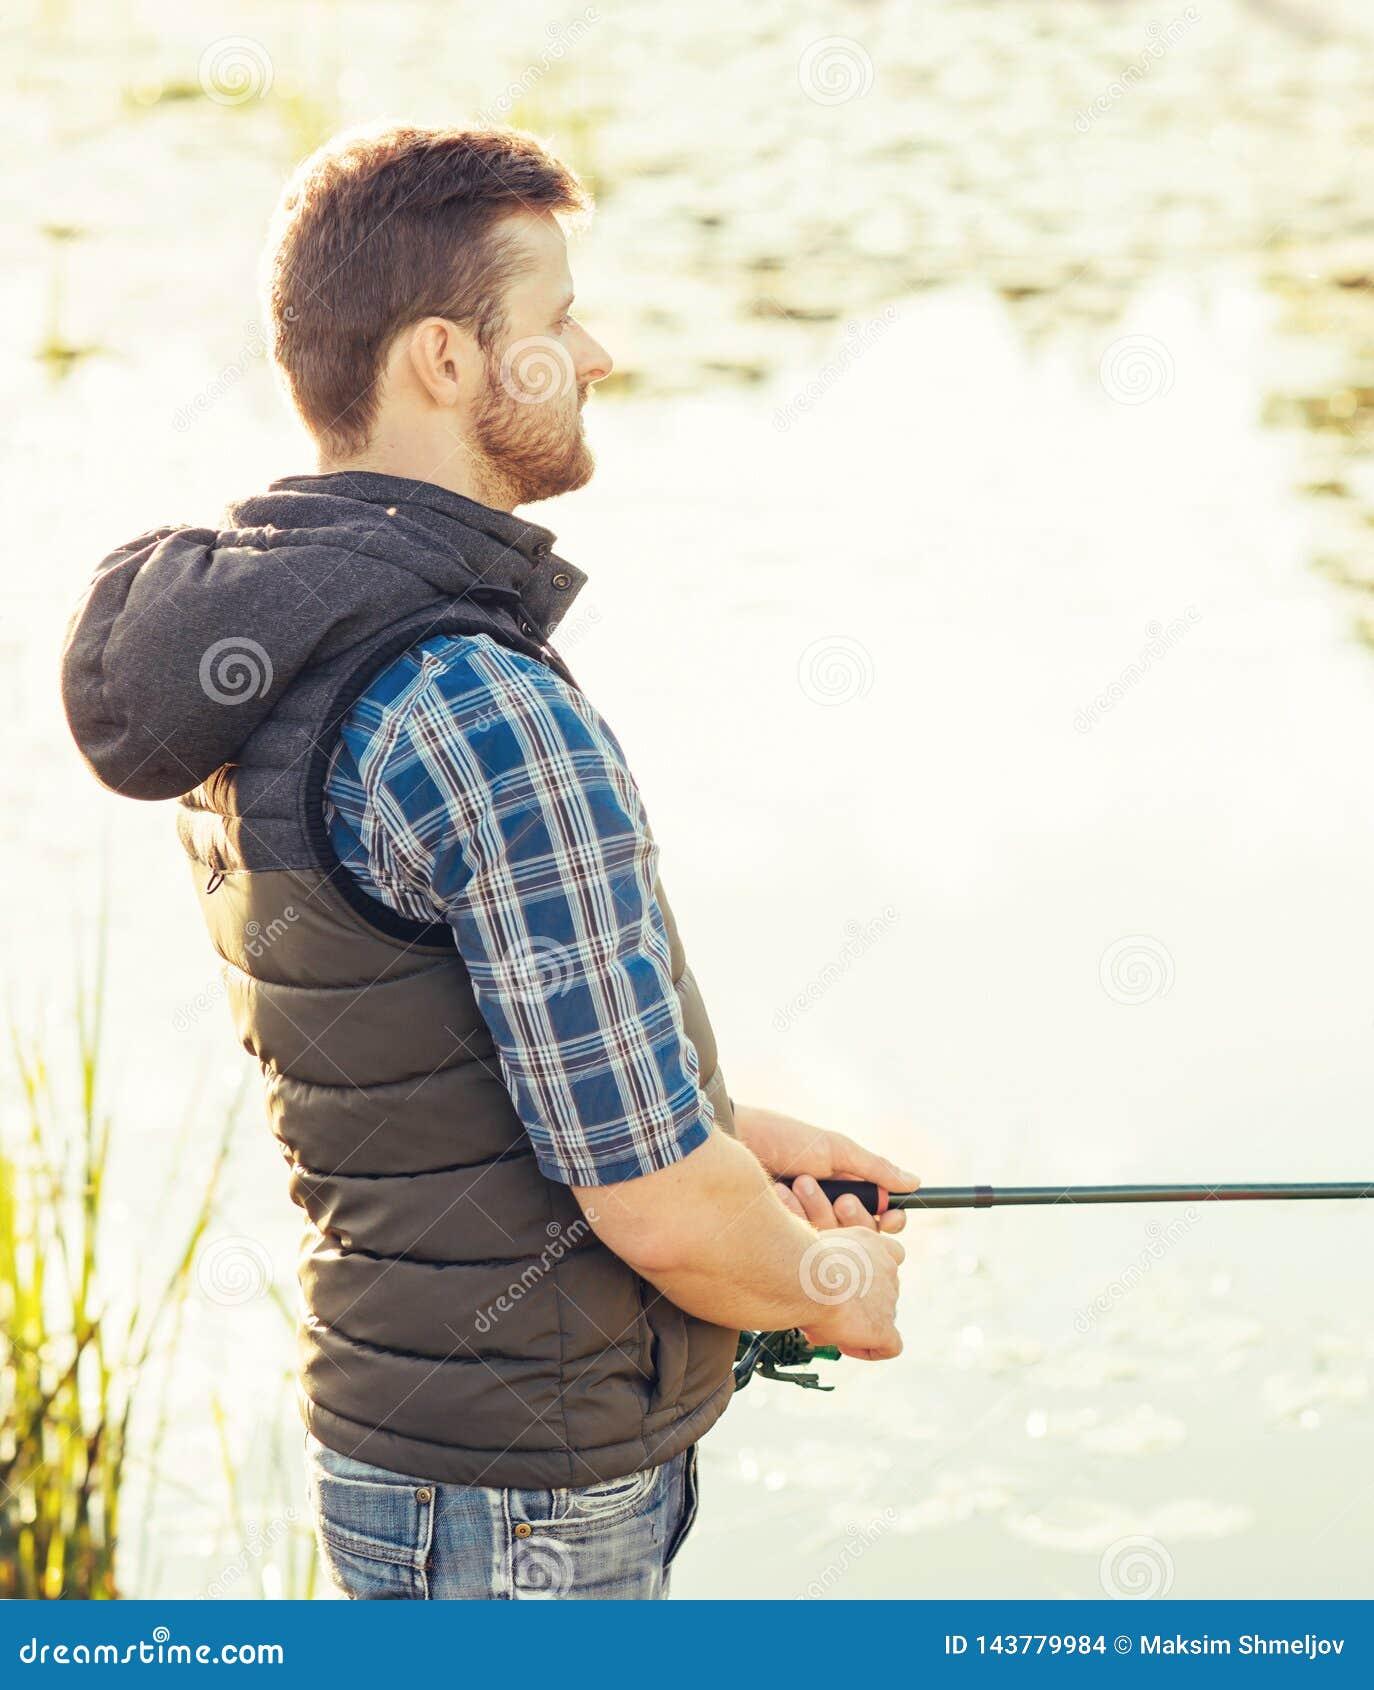 Ψαράς με μια περιστροφή και ένα δόλωμα που πιάνουν τα ψάρια σε μια λίμνη ή έναν ποταμό Άτομο σε ένα Σαββατοκύριακο με έναν δρόμο